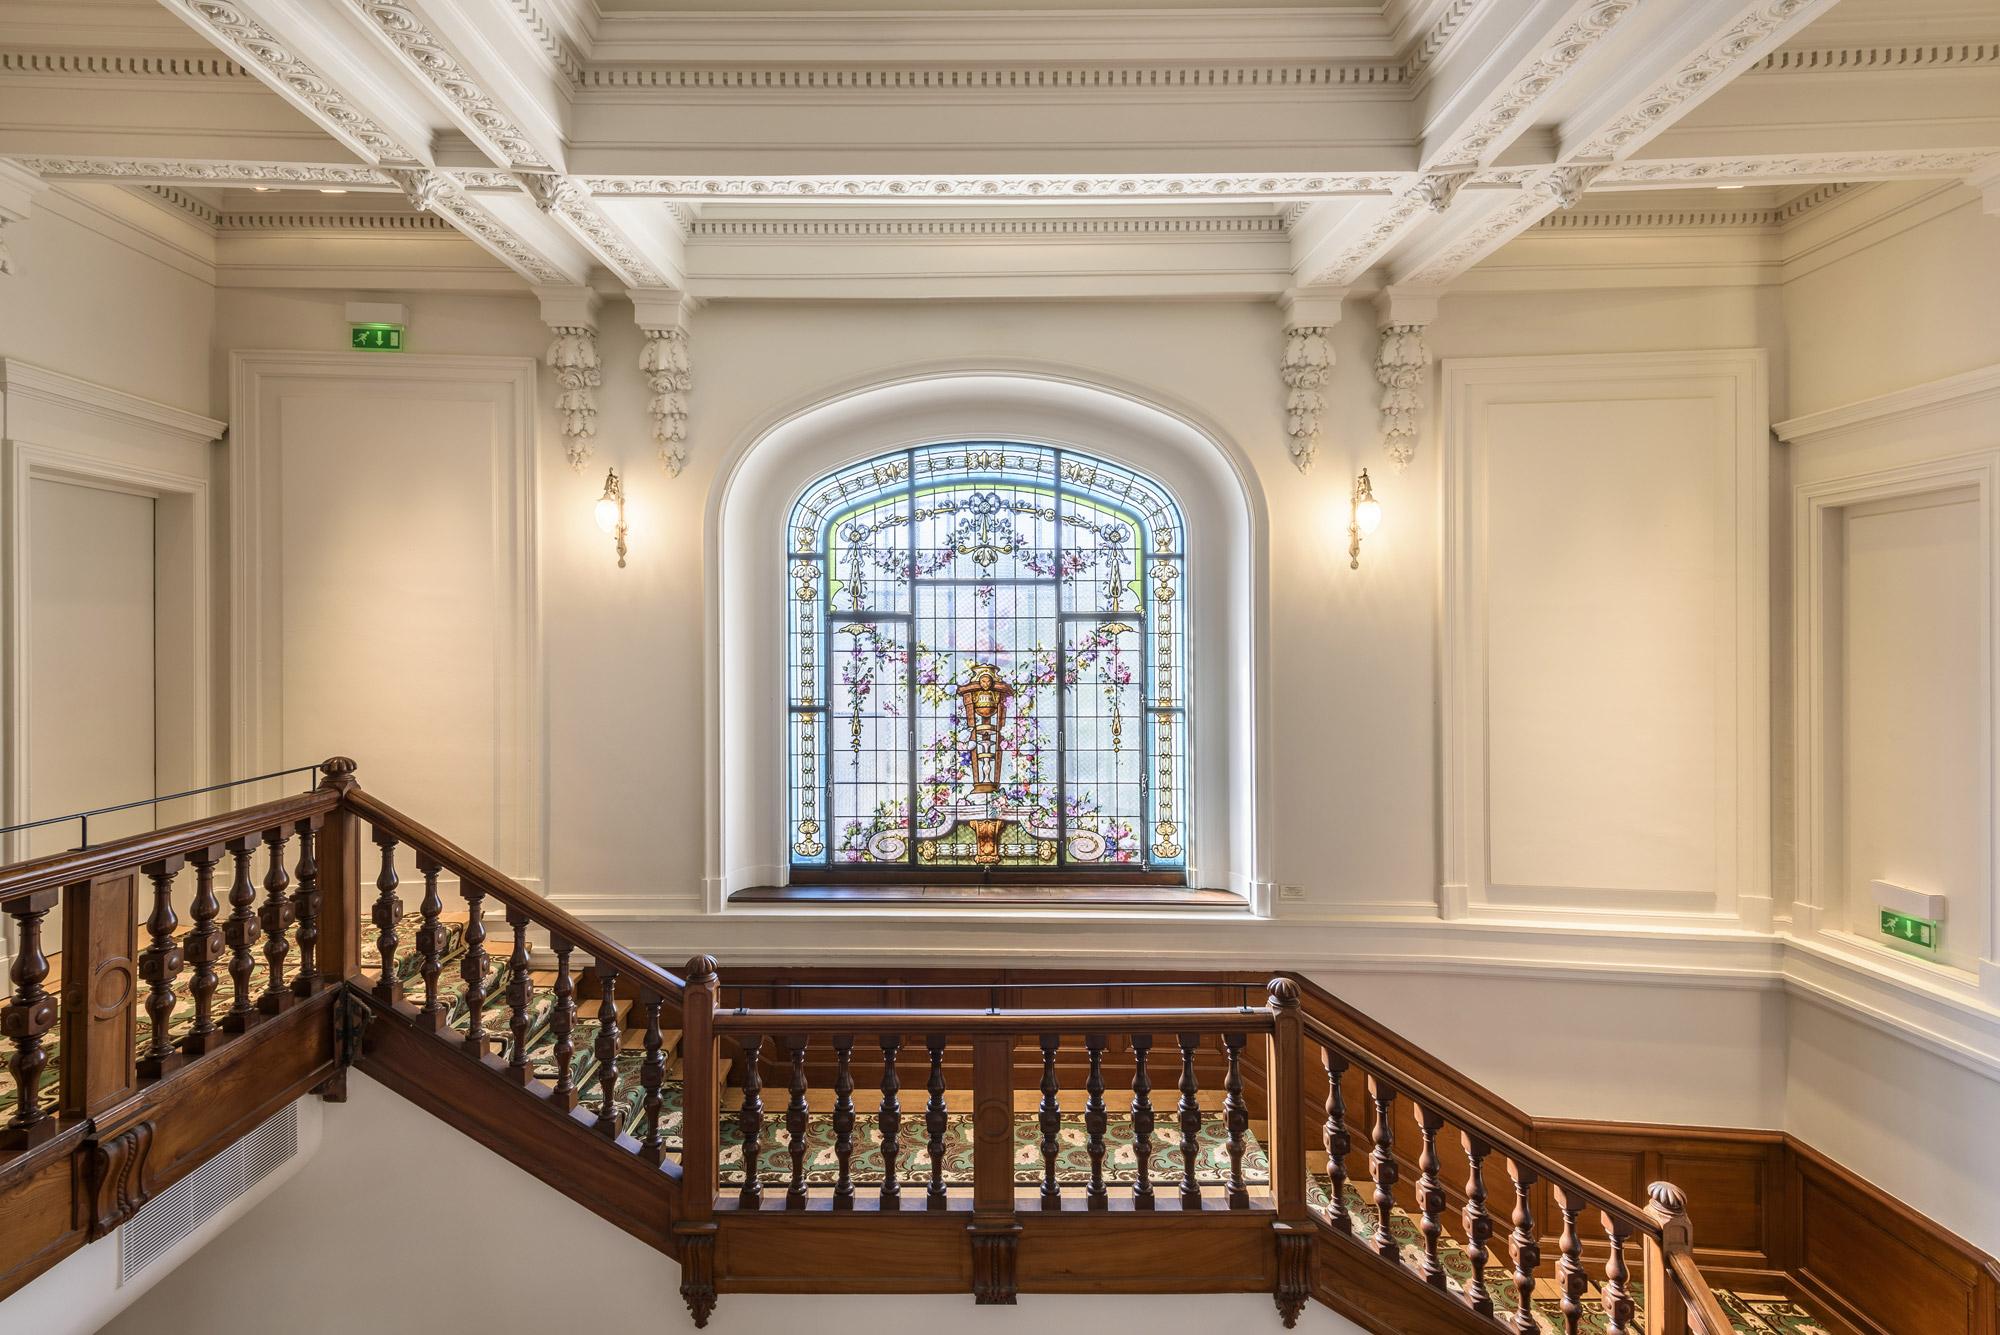 Escalier en bois et vitrail